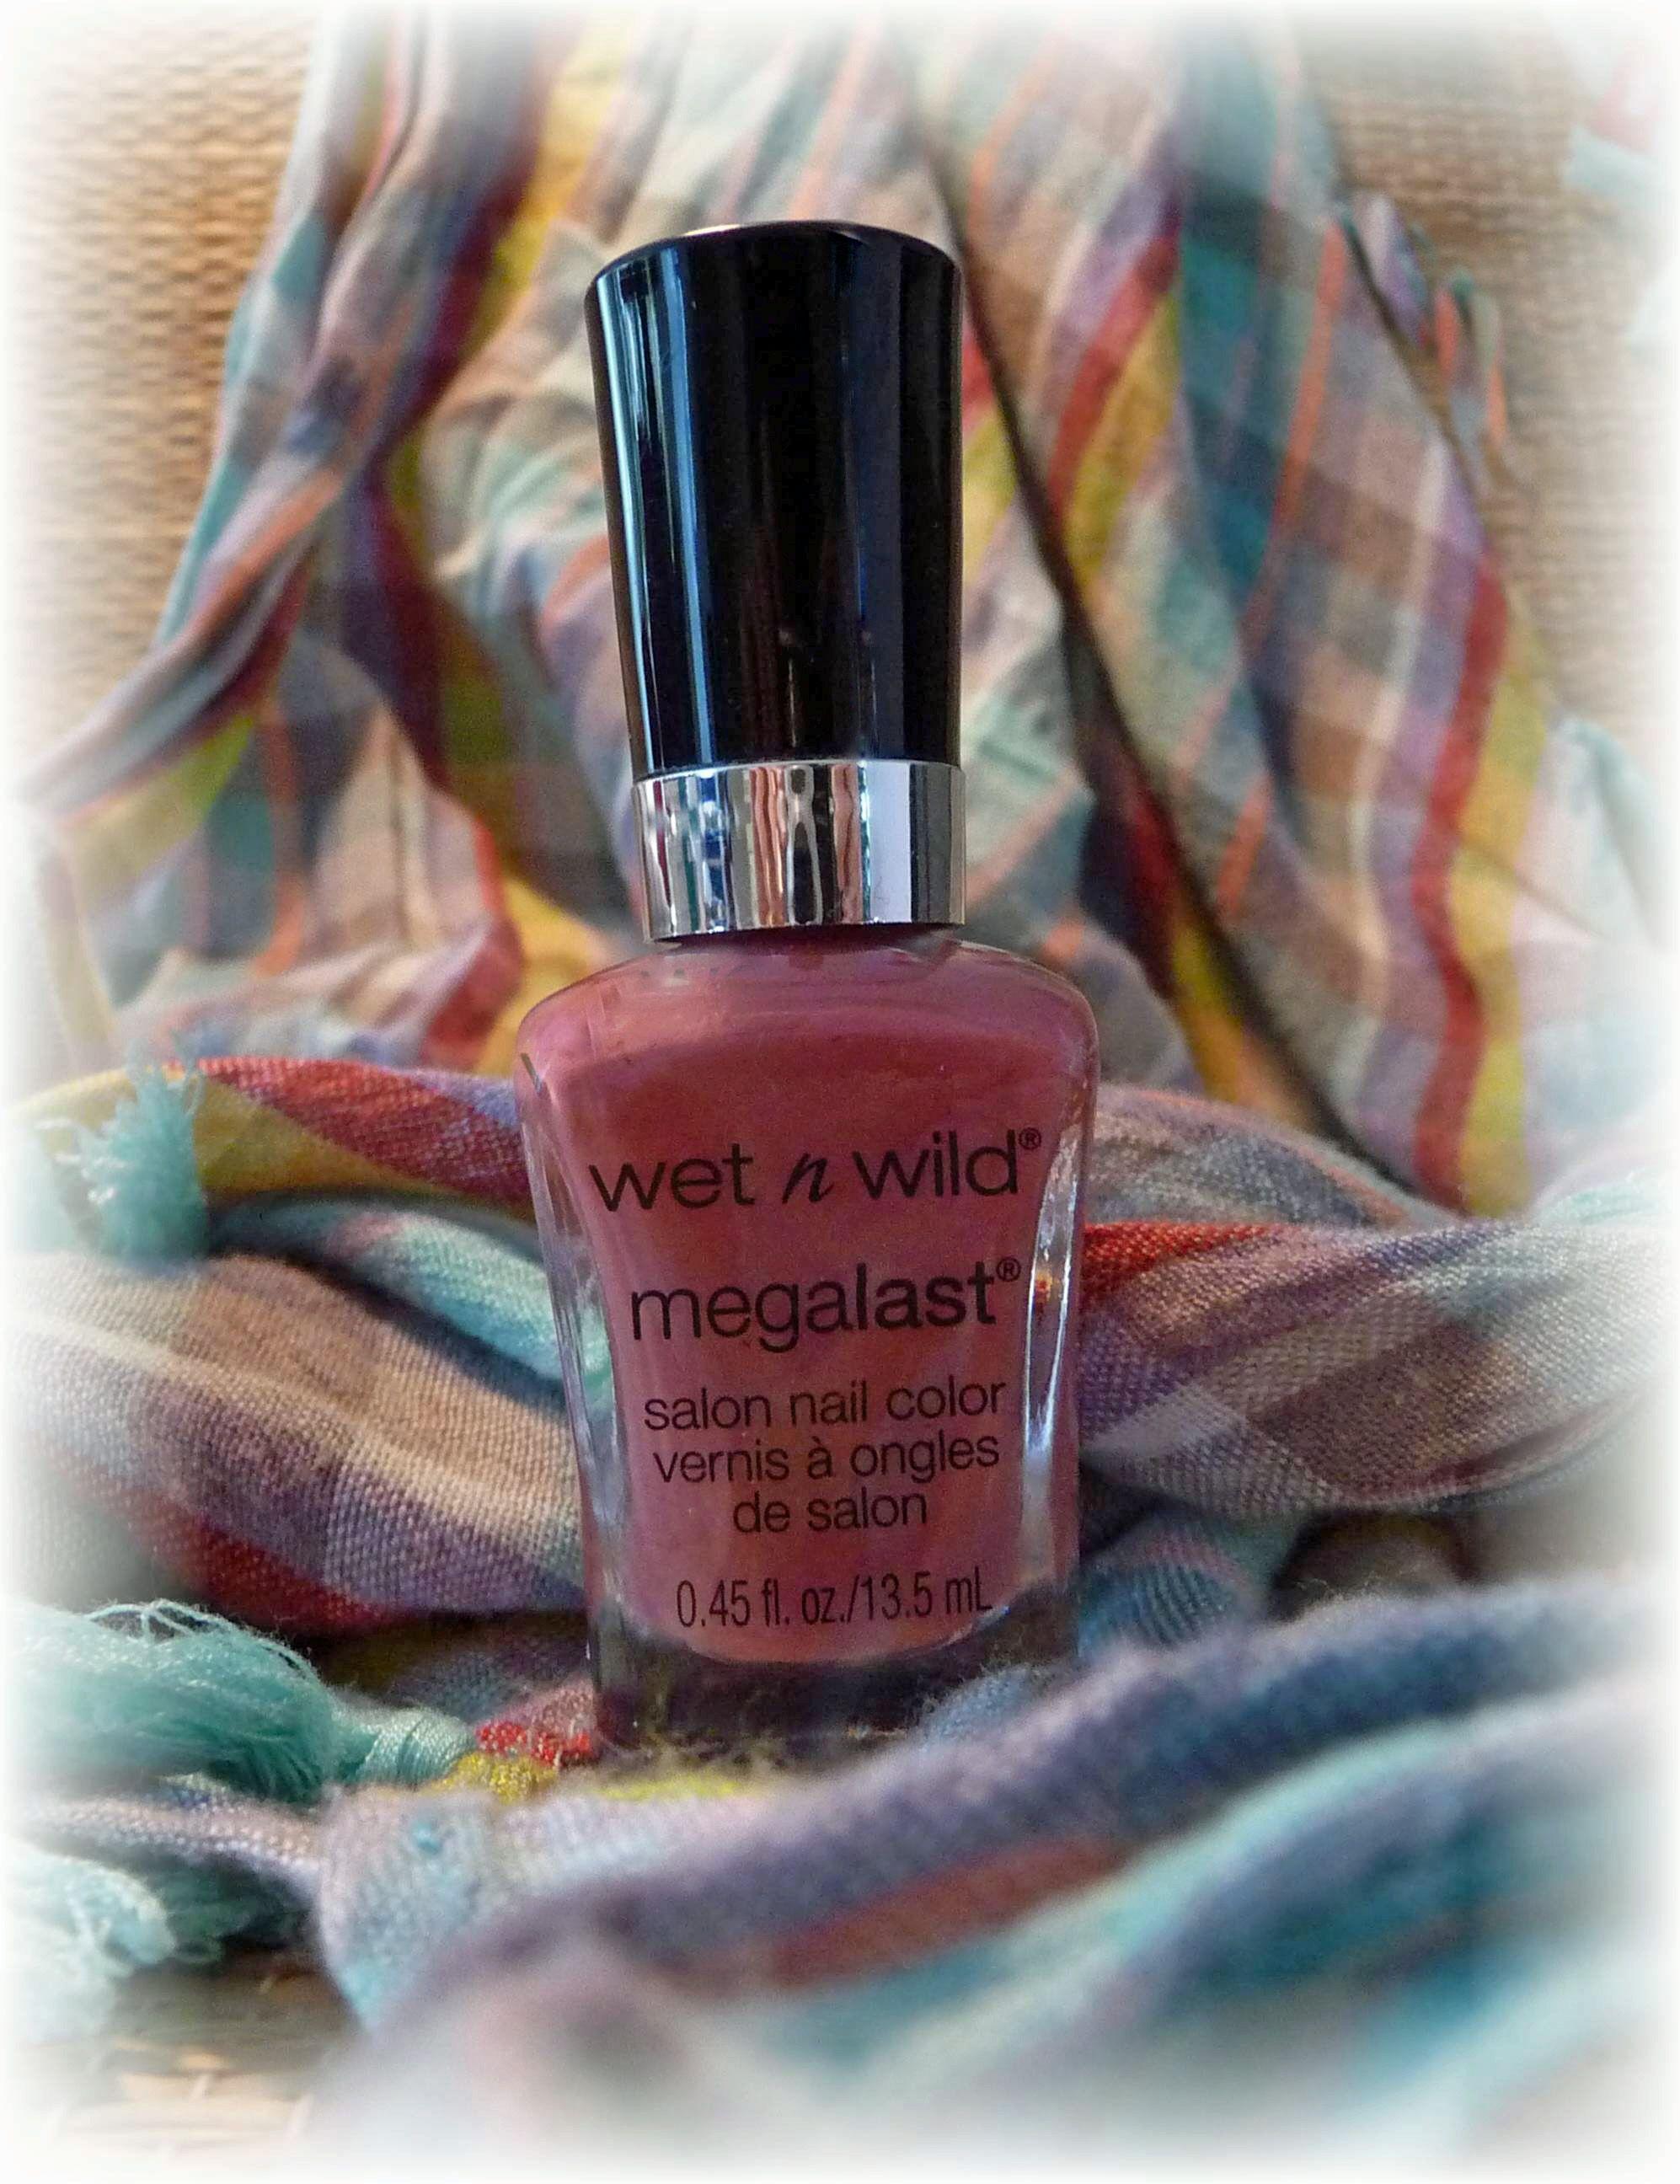 L. A.'s Trendmarke für dekorative Kosmetik auf Eroberungskurs in Deutschland... http://www.tatis-buntetestwelt.de/2014/12/wet-n-wild-l-as-trendmarke-fur.html #wetnwild